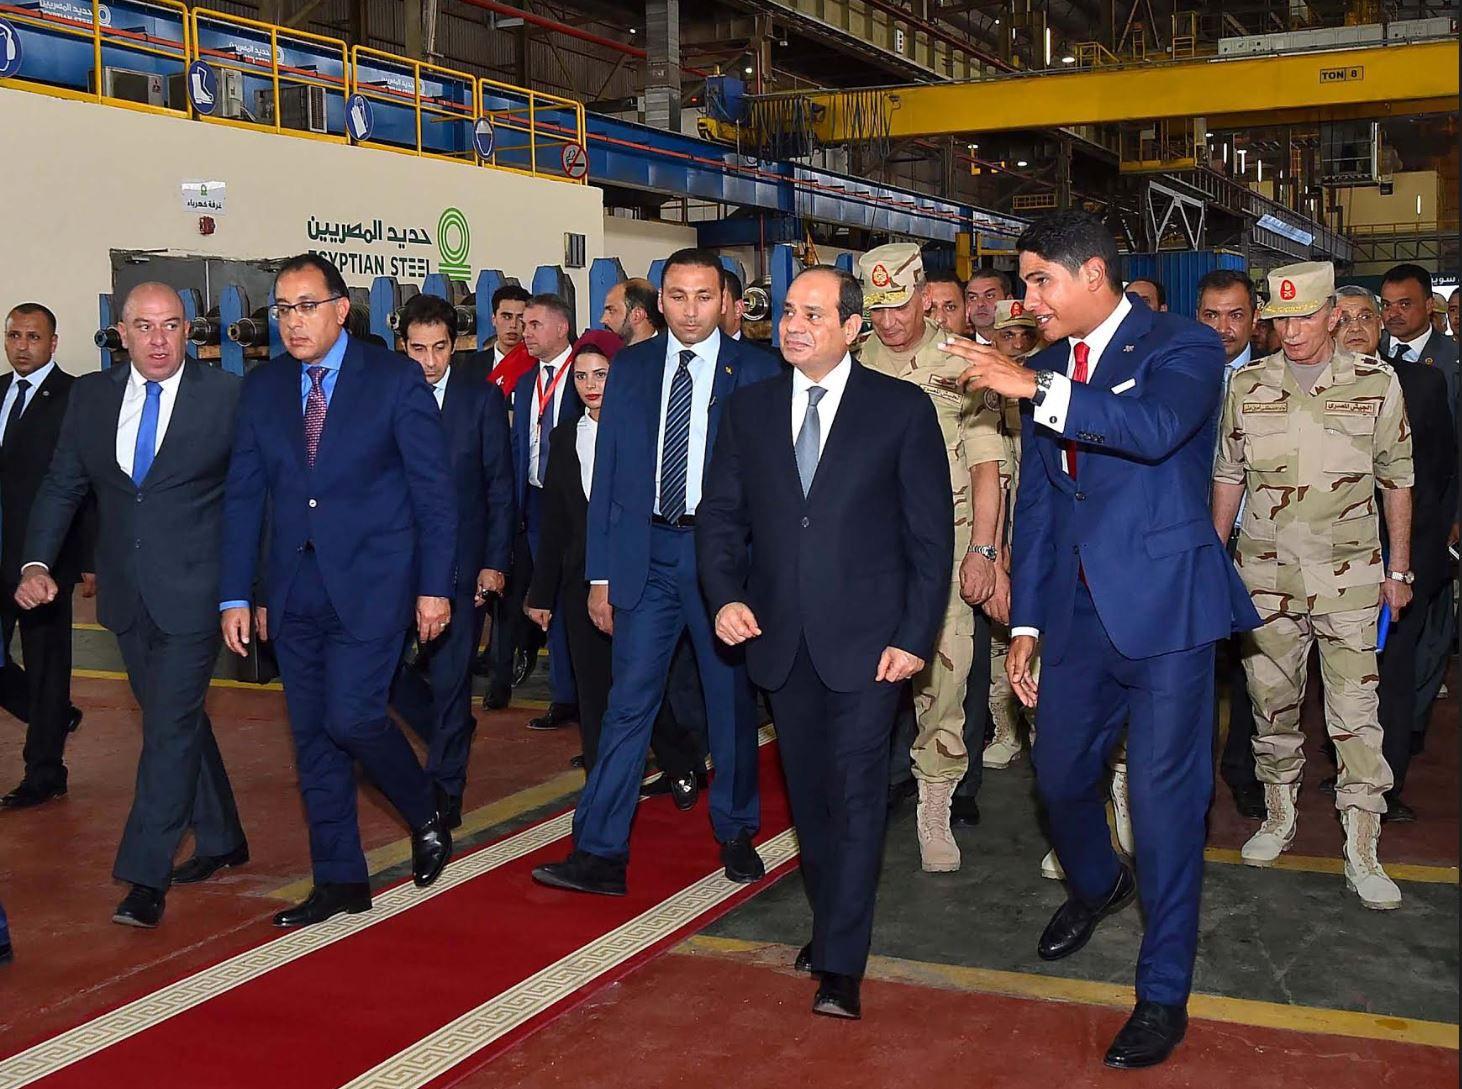 الرئيس السيسي يزور أحمد أبو هشيمة في مصانع الحديد وهذا هو شغل أبو هشيمة وليس سبونسر حفلة